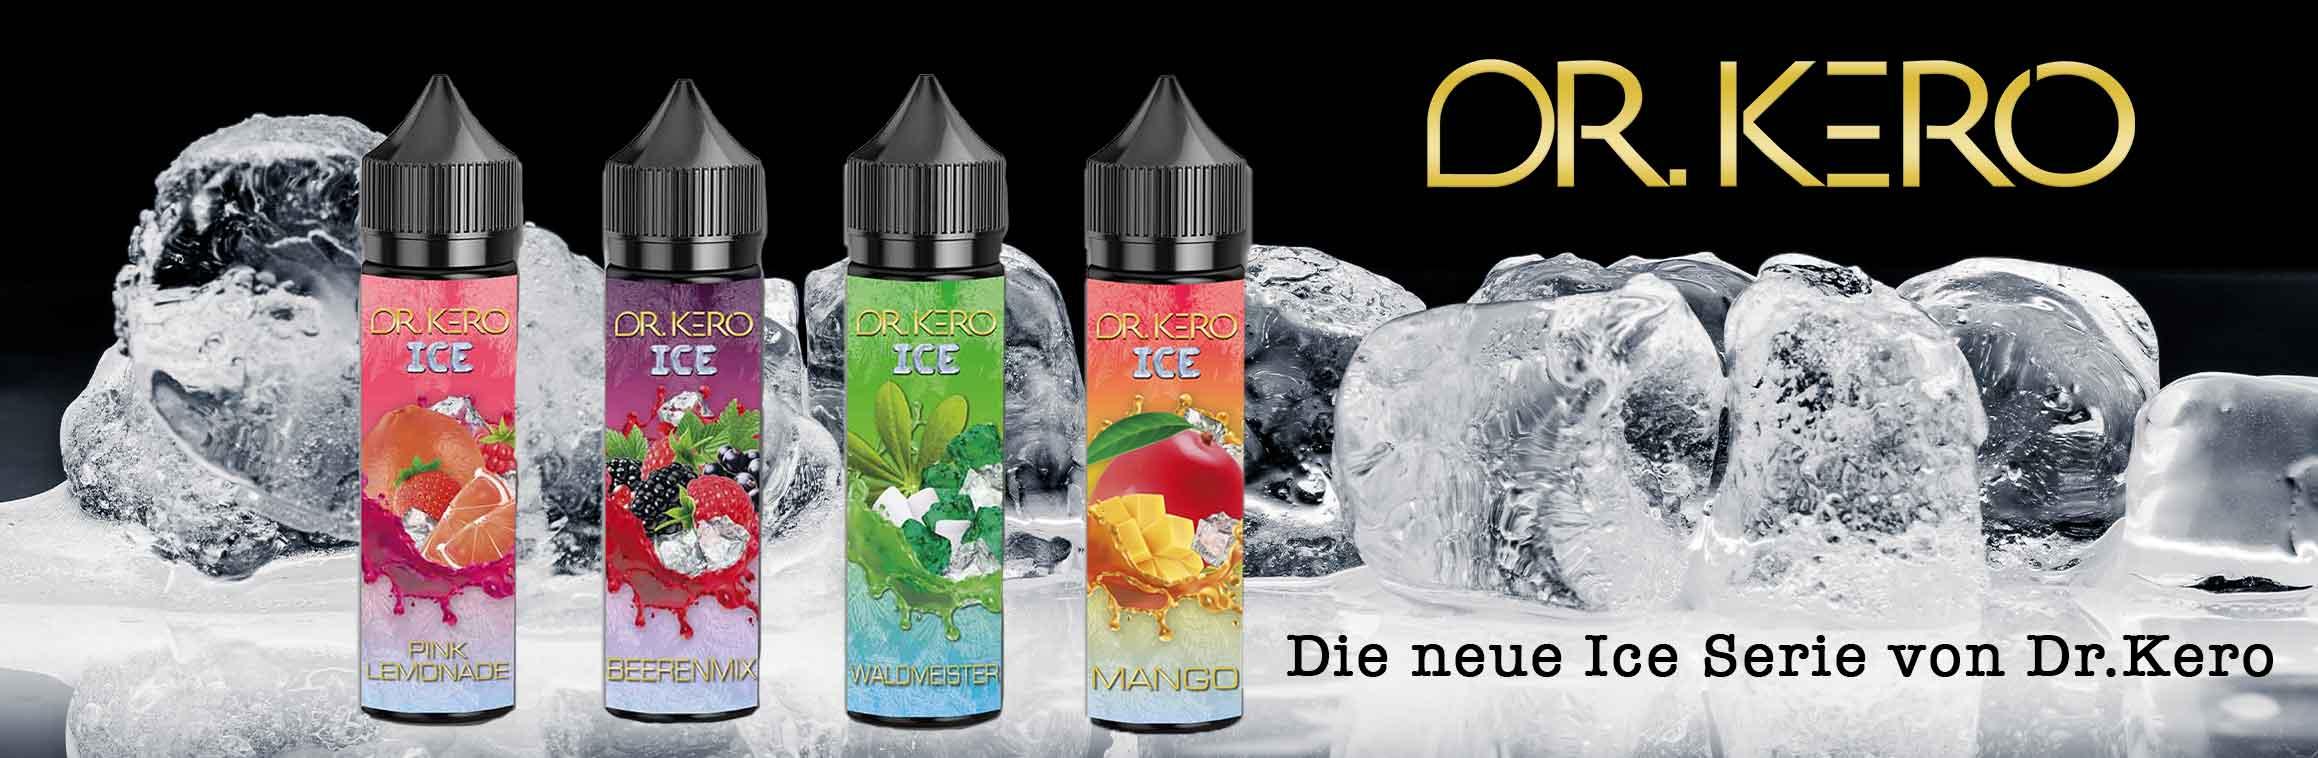 Dr.Kero Ice